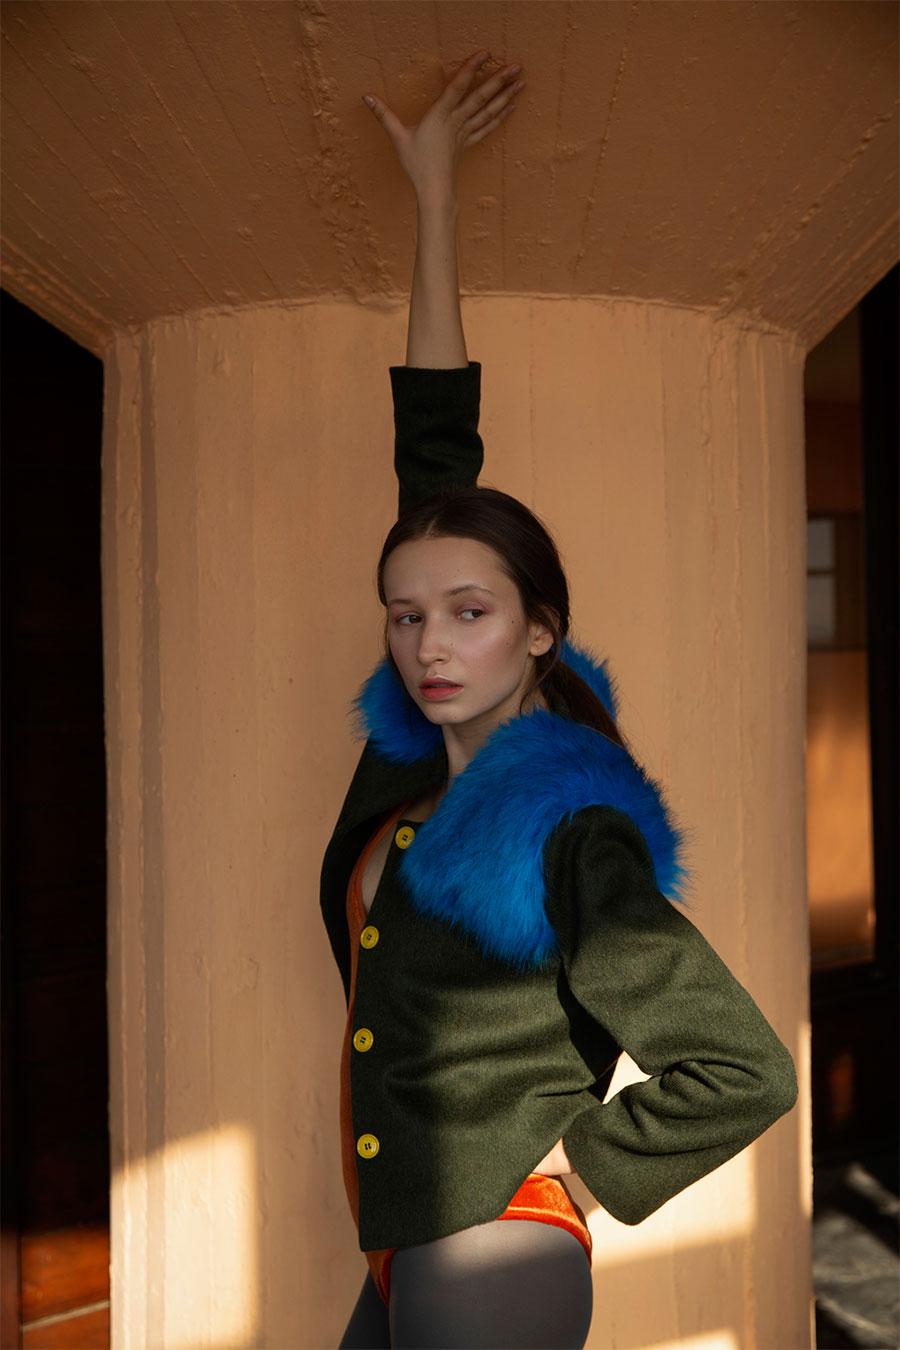 chaqueta de lana verde con hombreras de pelo azul